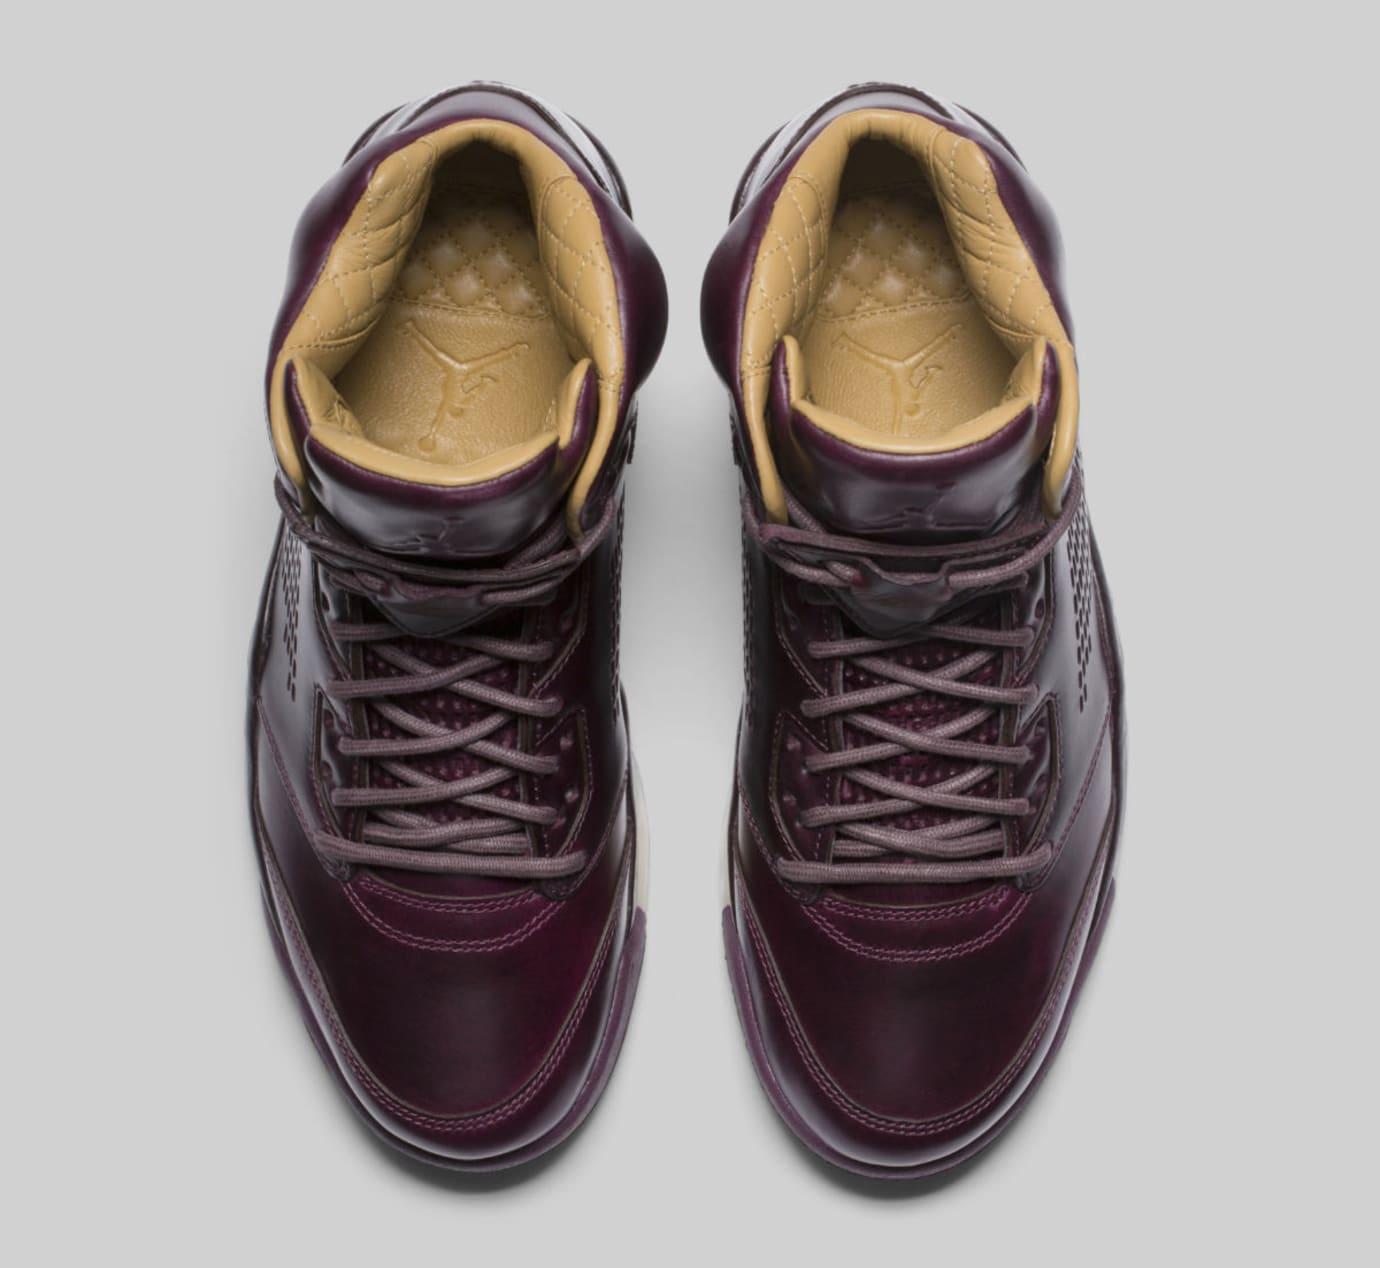 Air Jordan 5 Premium Bordeaux Release Date Top 881432-612